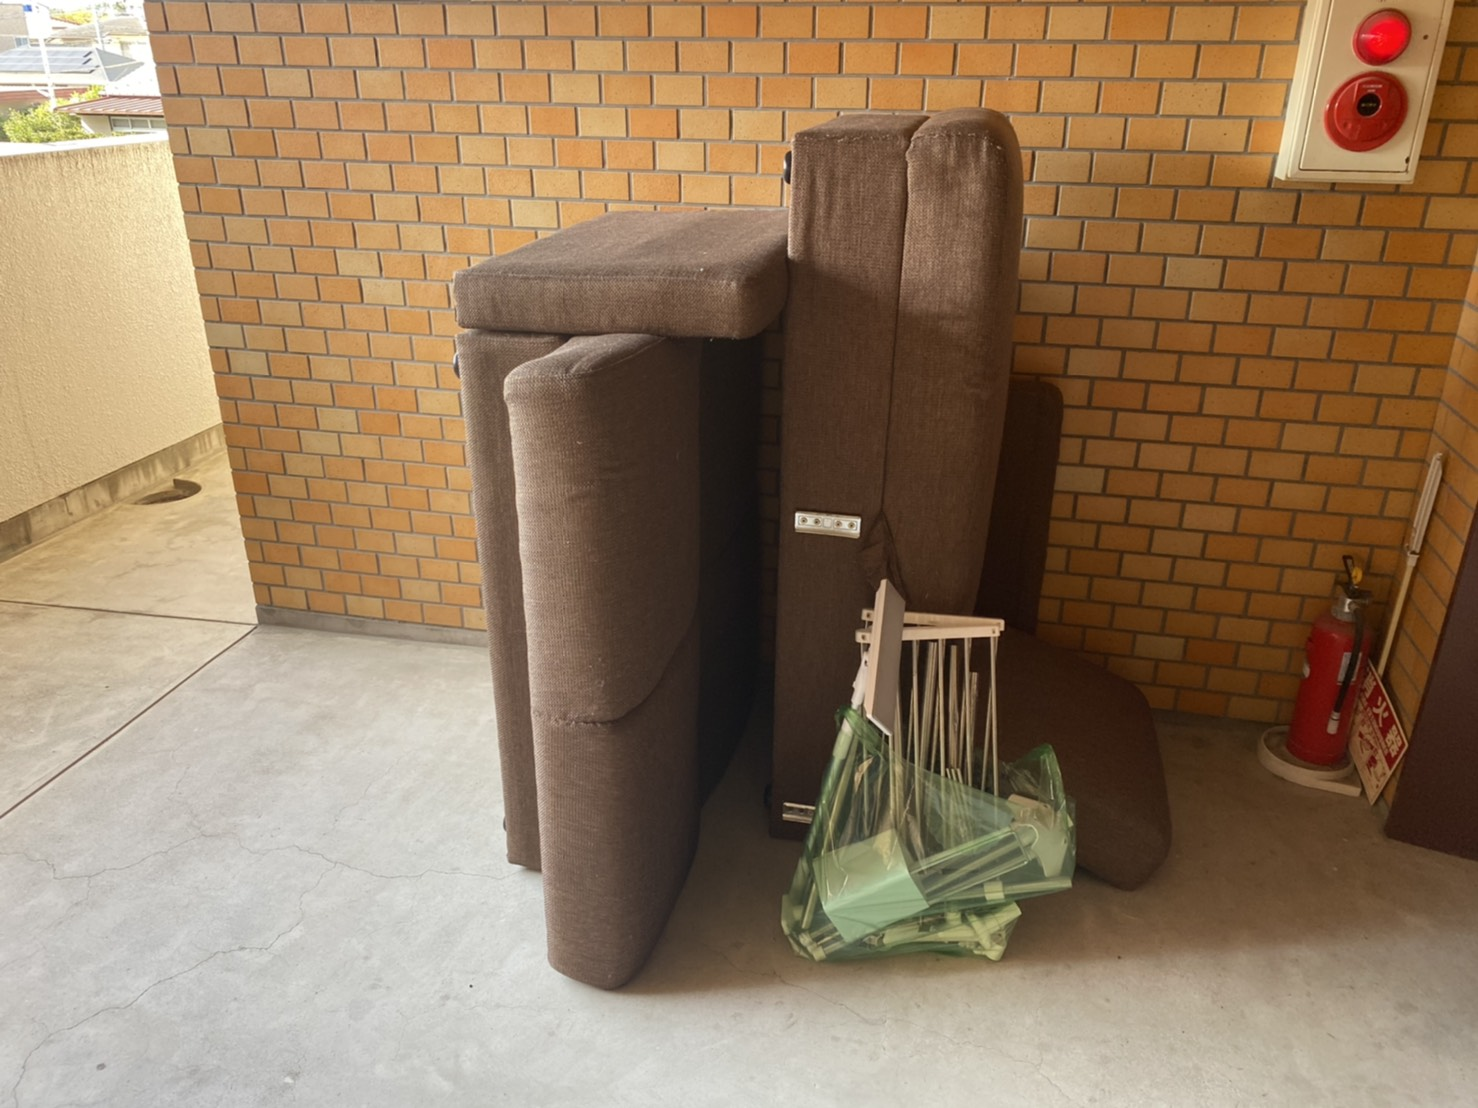 ソファー、物干しラックの回収前